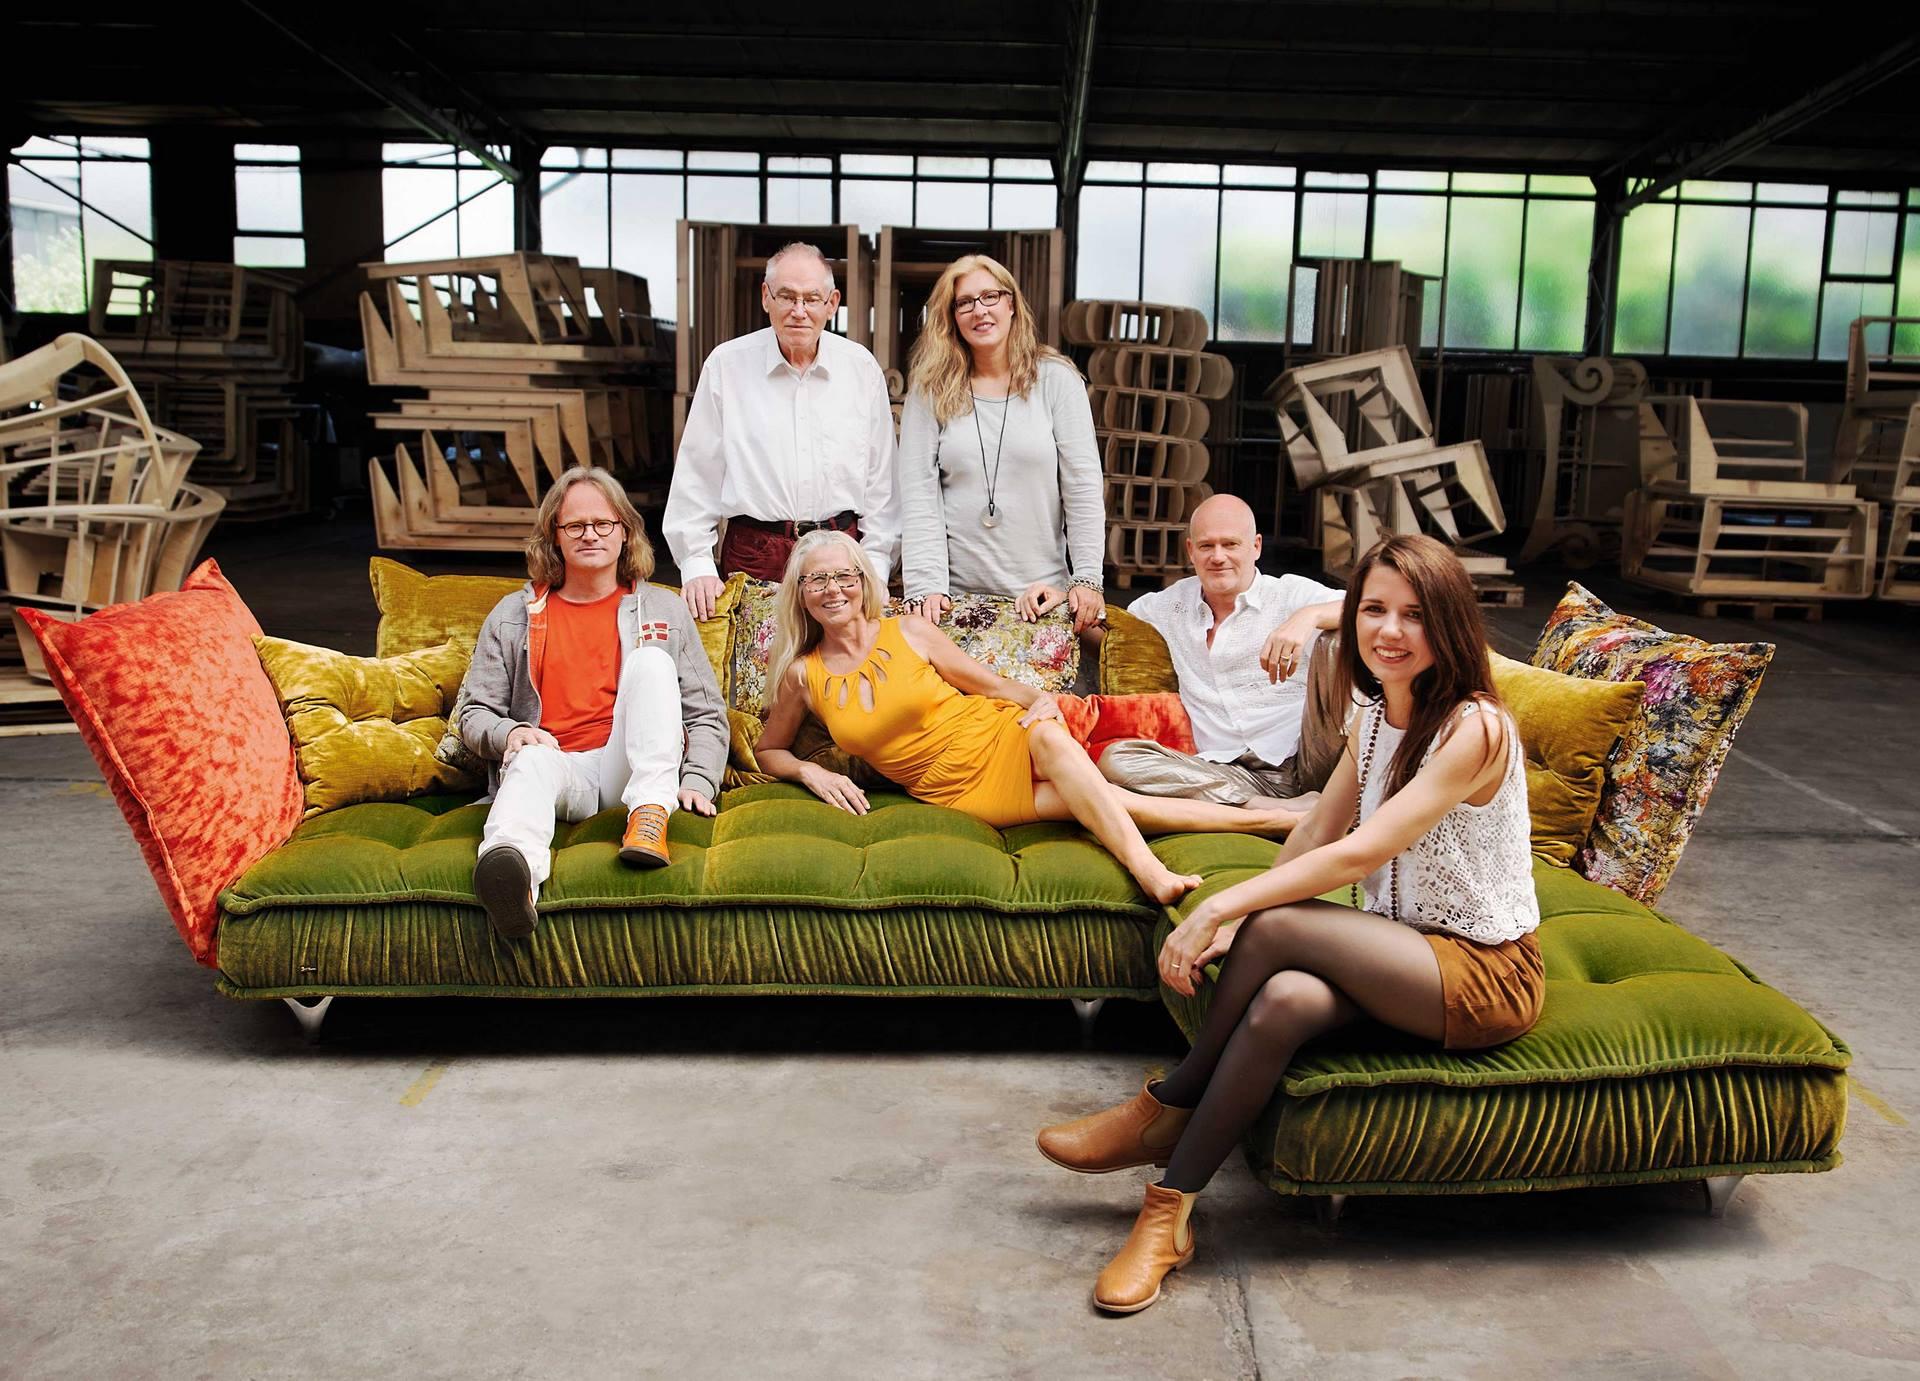 Bitte Platz nehmen – auf Bretz-Sofas, die begeistern! - Einrichtung ...